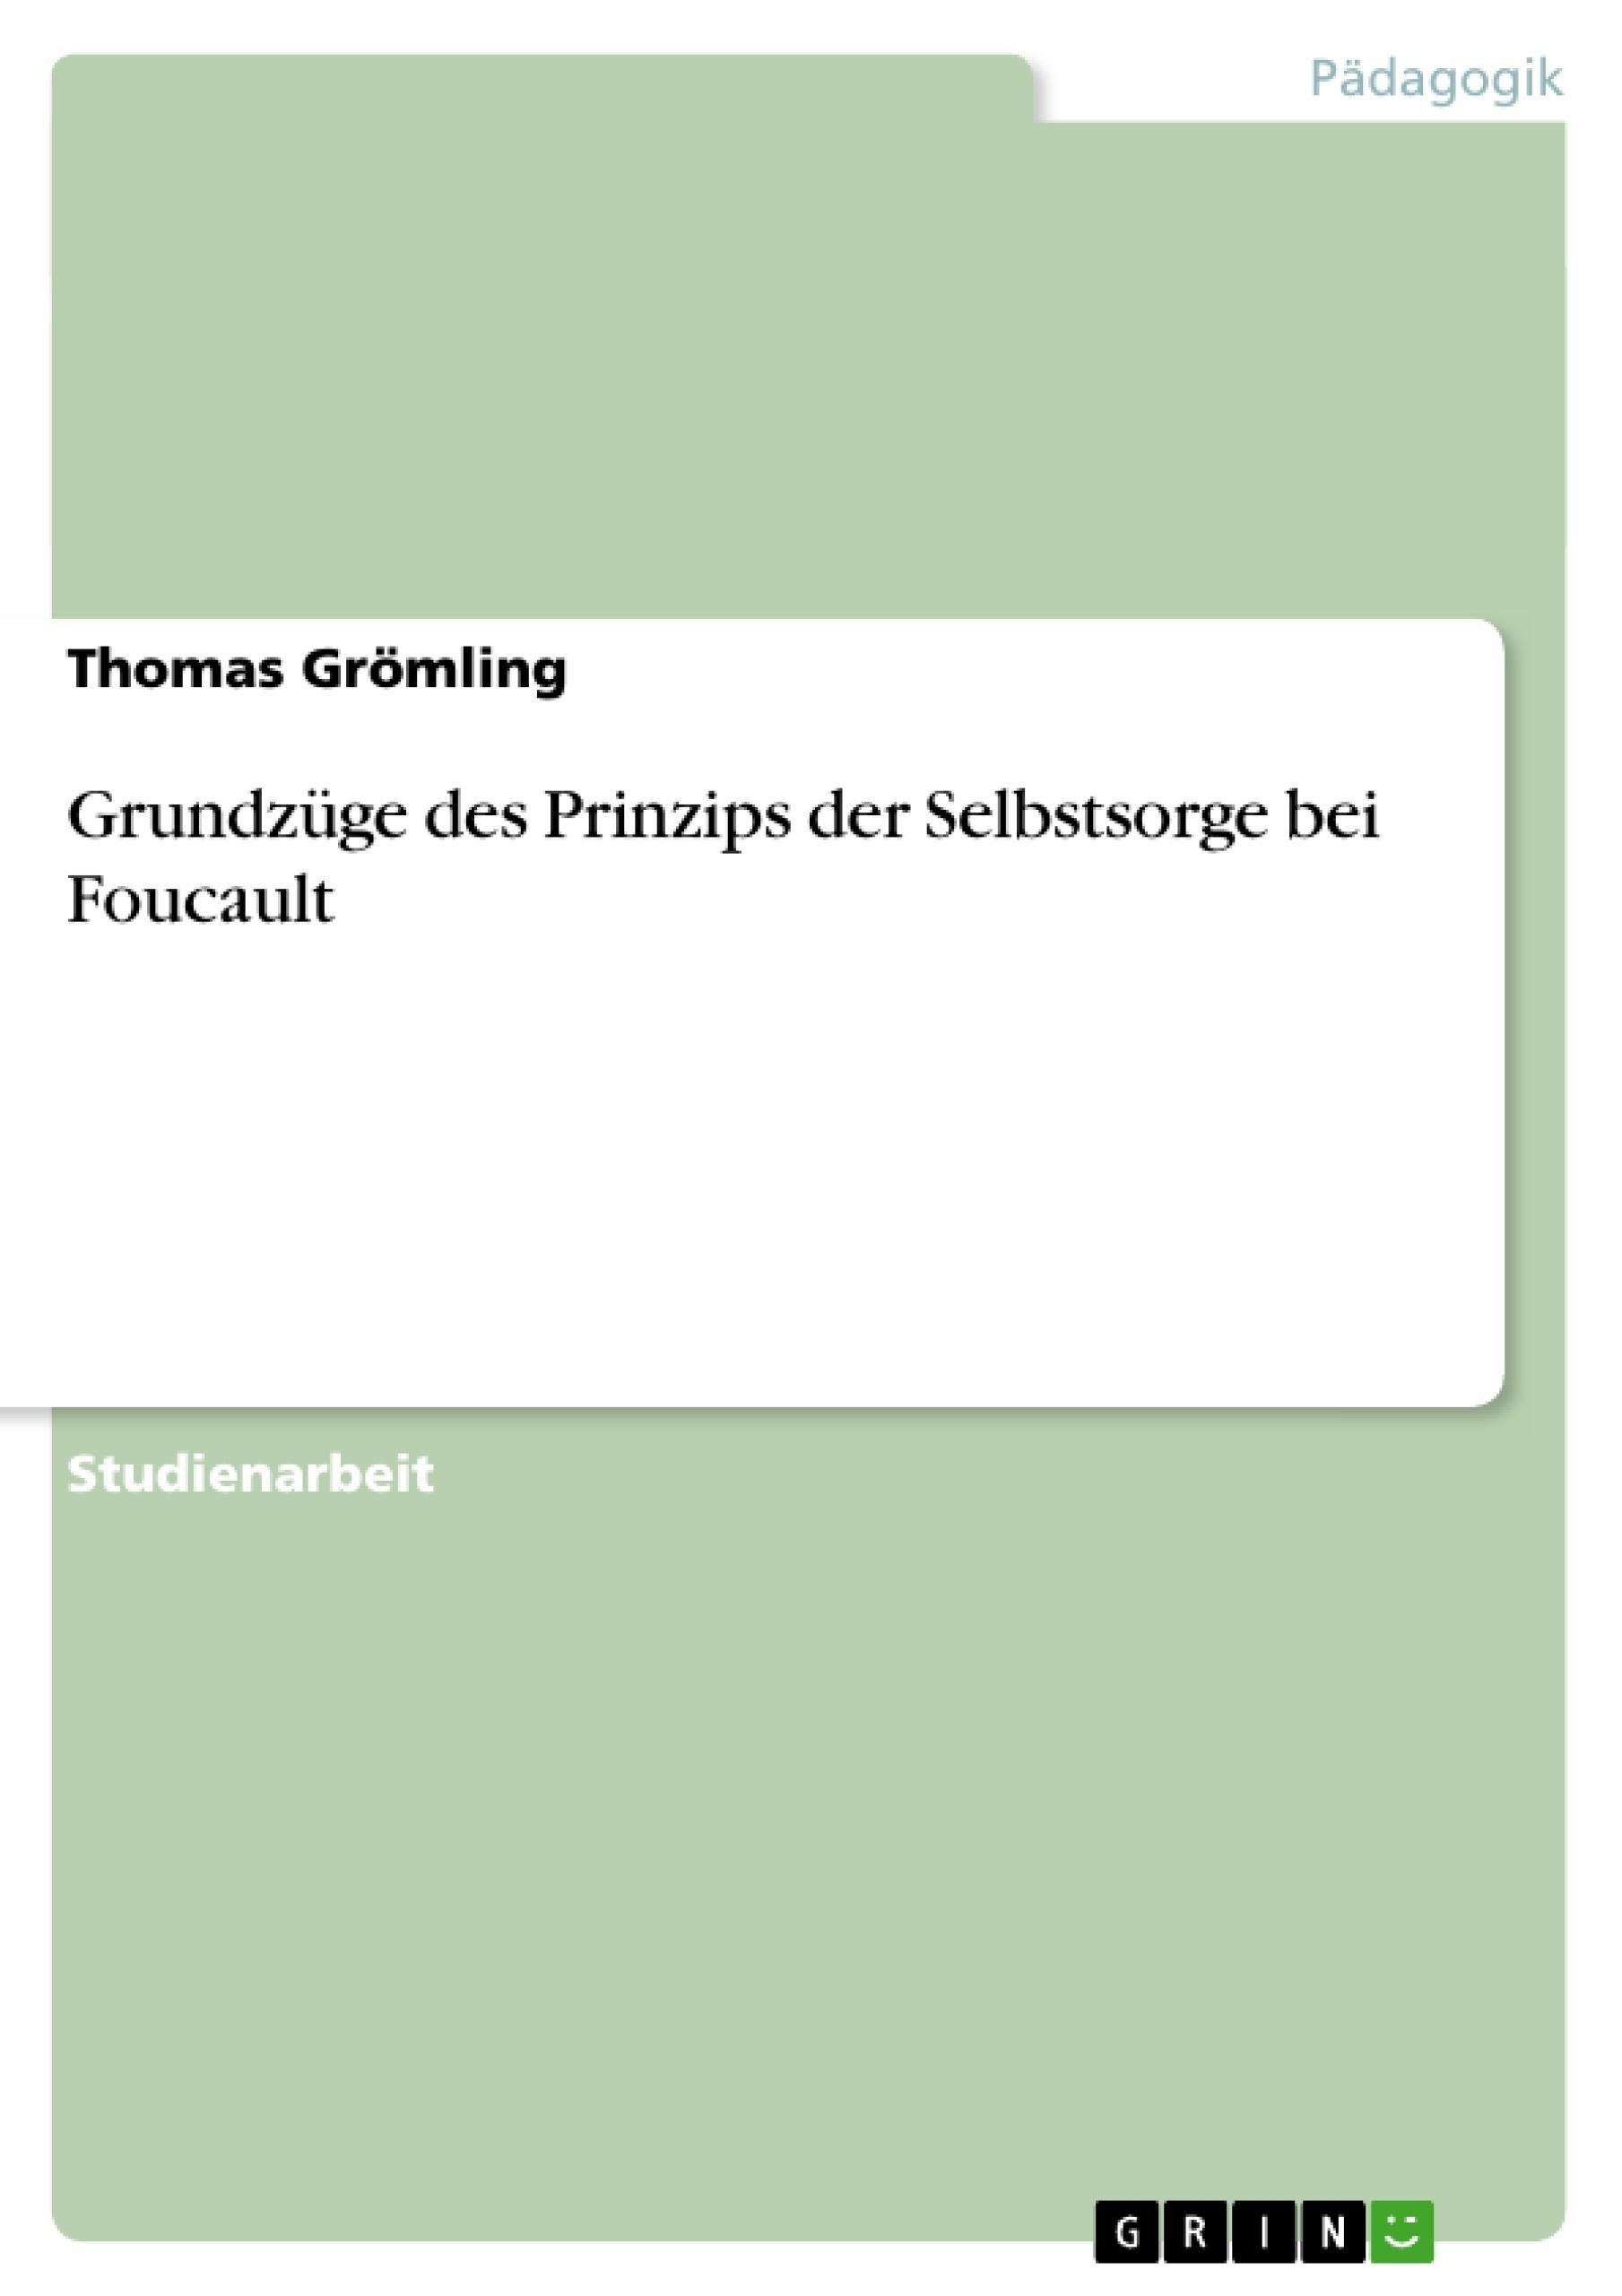 Titel: Grundzüge des Prinzips der Selbstsorge bei Foucault